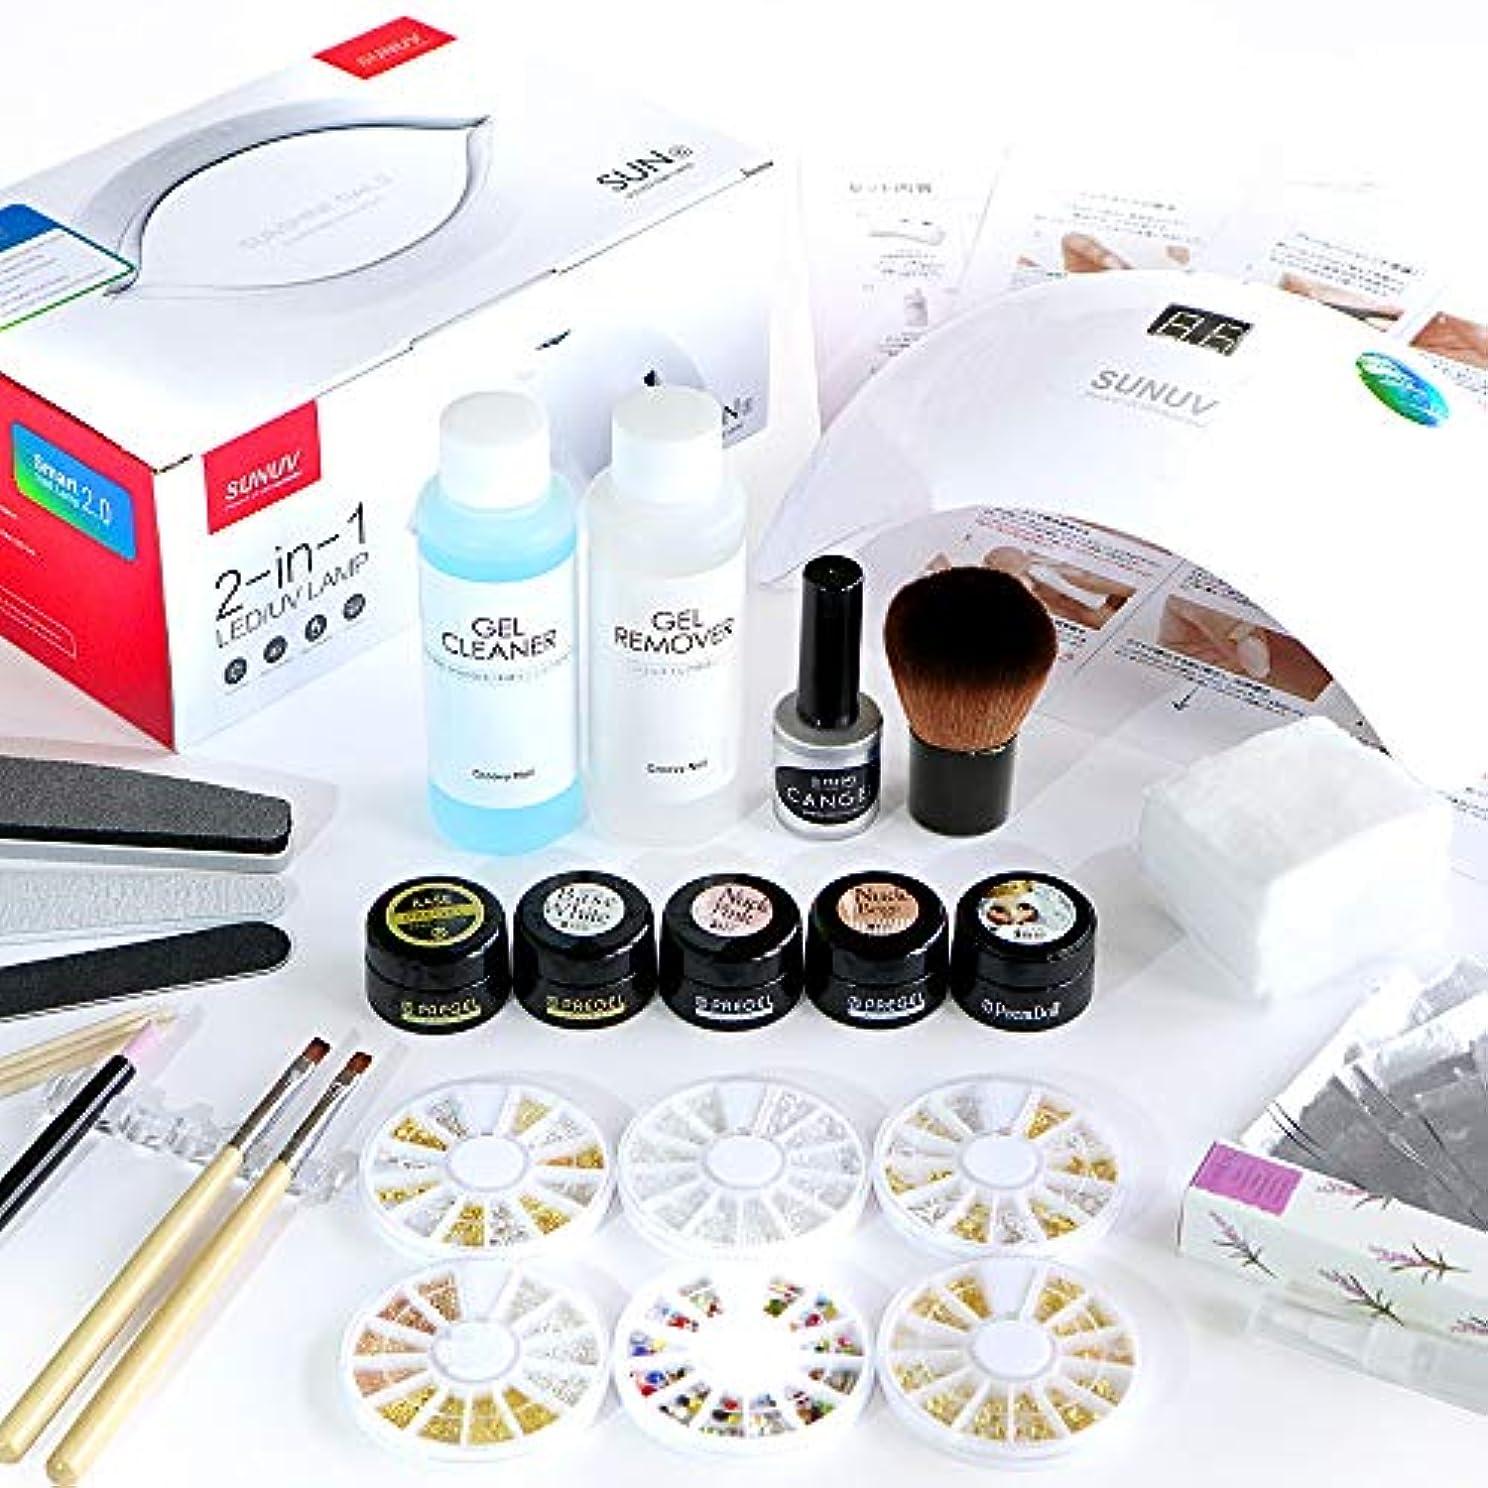 機知に富んだ気分が良いリスクPREGEL プリジェル ジェルネイル スターターキット 日本製カラージェル4色+LEDライト48W ネイルアート 初心者におすすめ